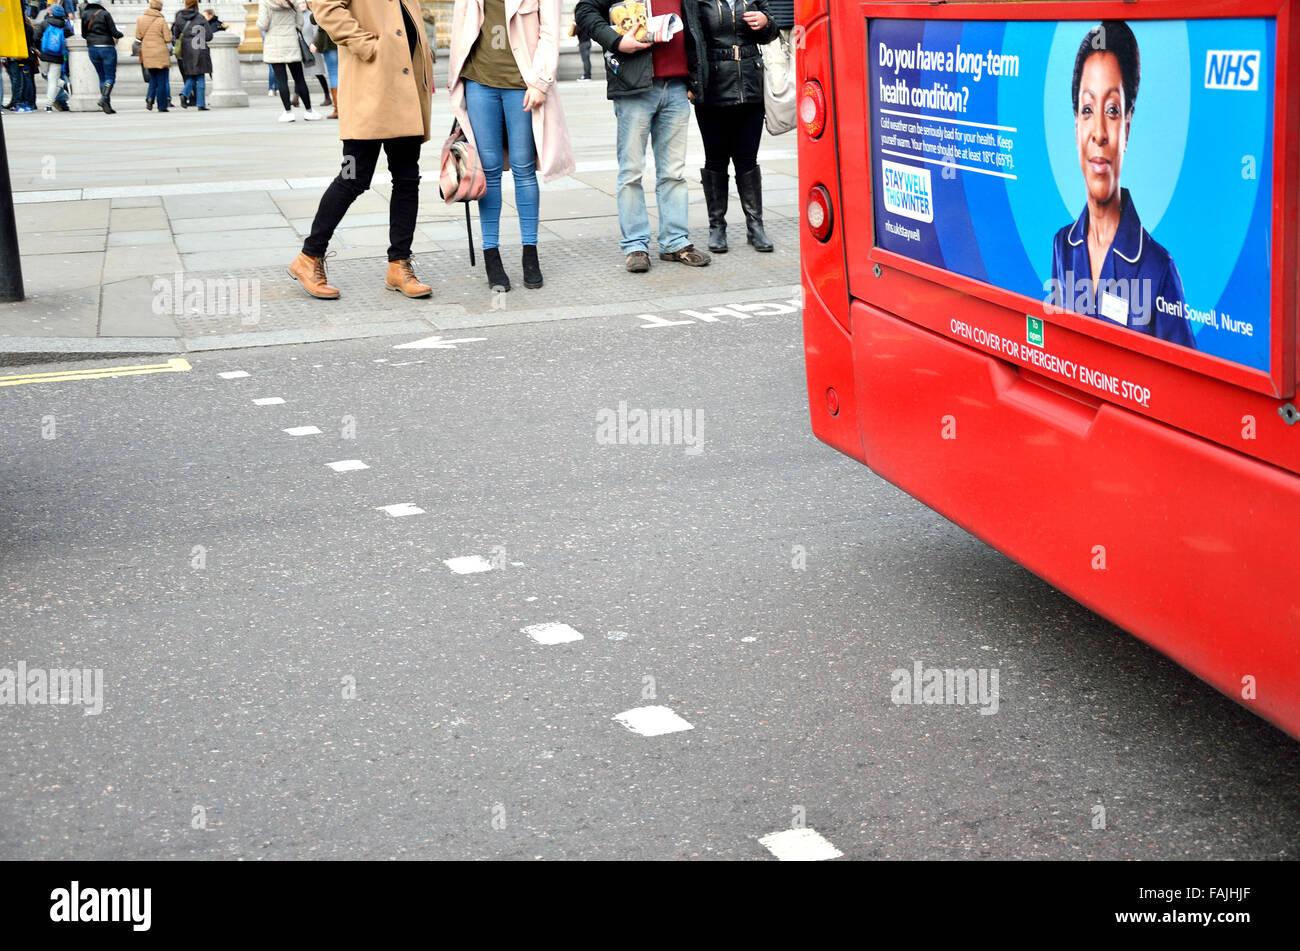 Londra, Inghilterra, Regno Unito. NHS rimanere bene questa campagna invernale inserzione sulla parte posteriore Immagini Stock